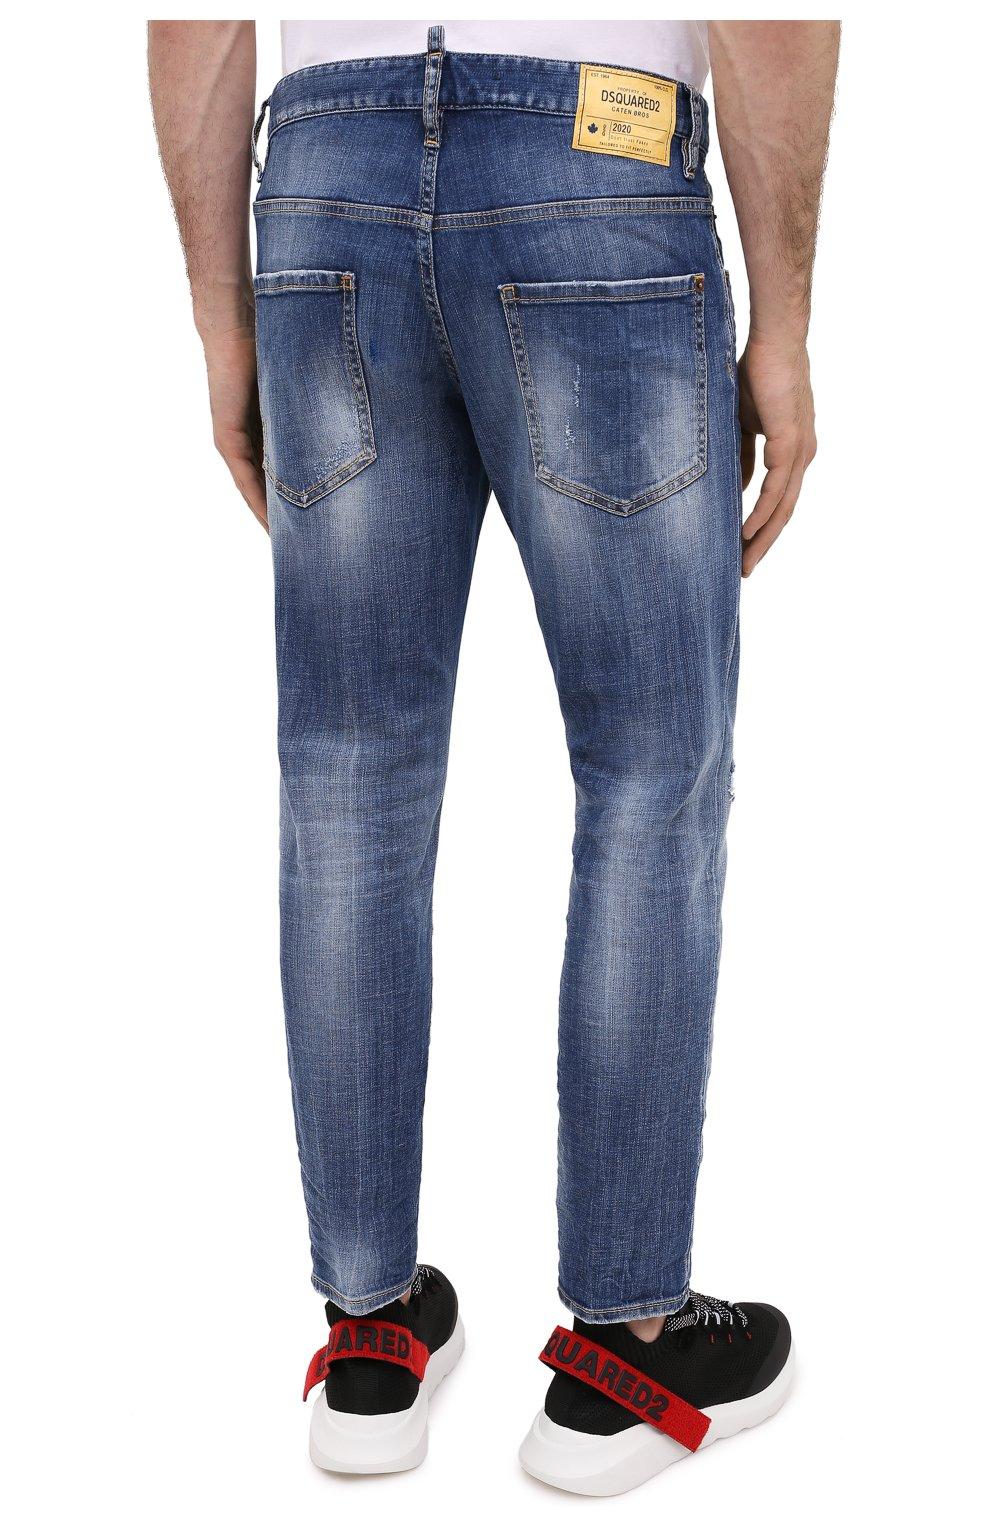 Мужские джинсы DSQUARED2 синего цвета, арт. S74LB0791/S30342 | Фото 4